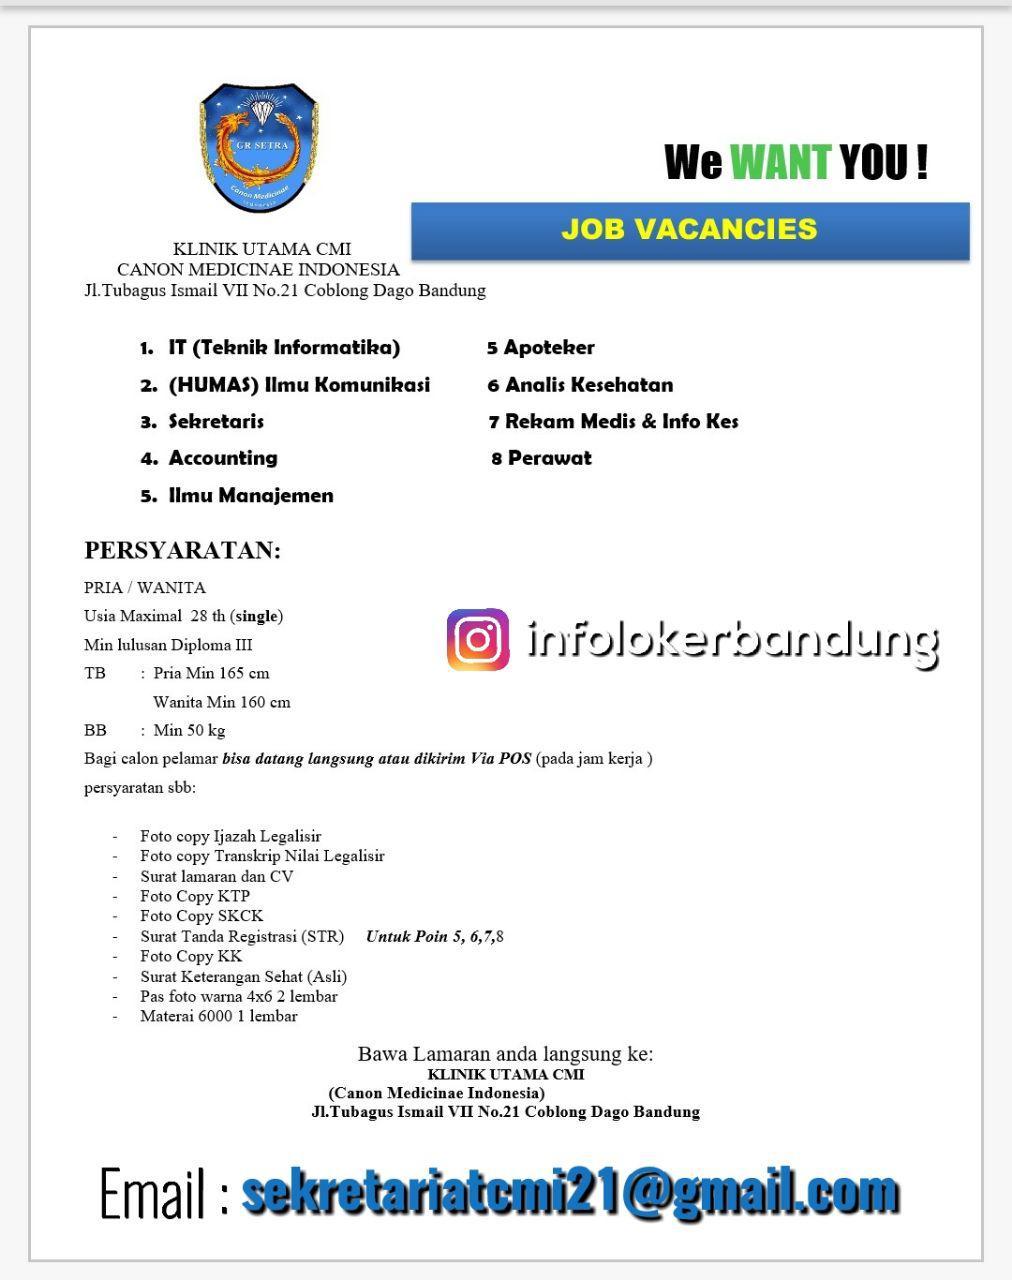 Lowongan Kerja Klinik Utama CMI ( Canon Medicinae Indonesia ) Bandung Januari 2018